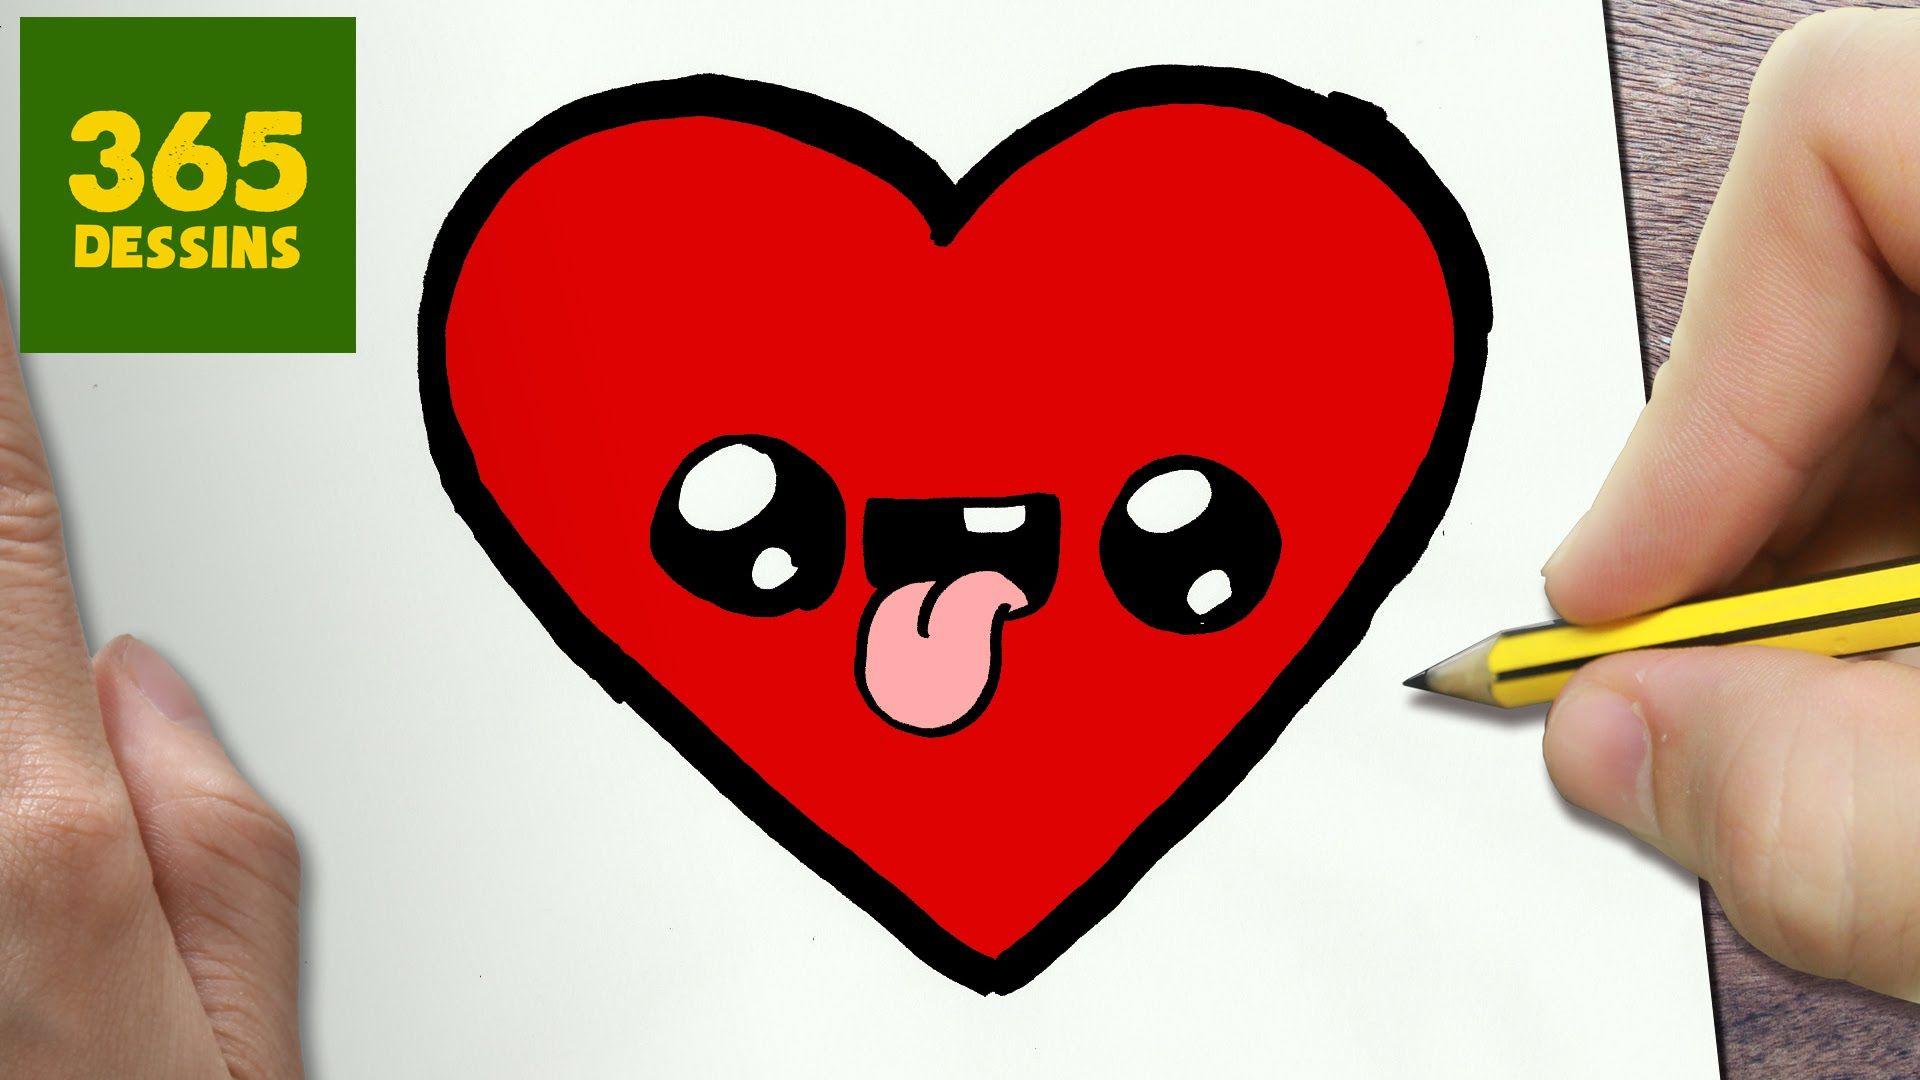 Comment Dessiner Cœur Kawaii Etape Par Etape Dessins Kawaii Dessin Kawaii Dessin De Coeur Dessin Pere Noel